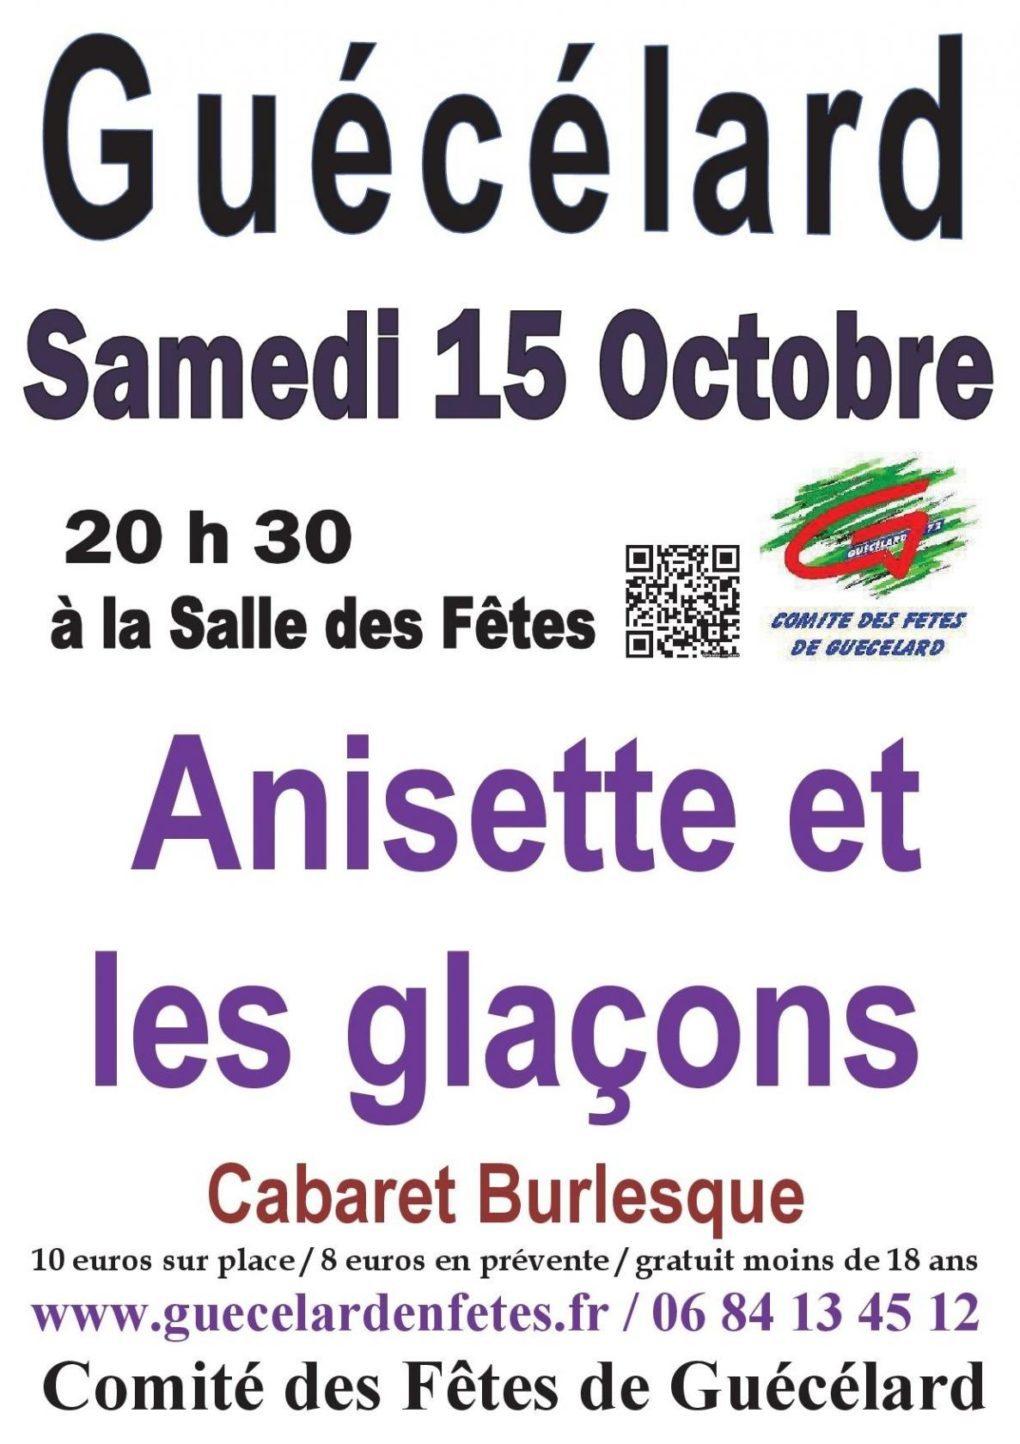 Cabaret burlesque Anisette et les glaçons Guécélard